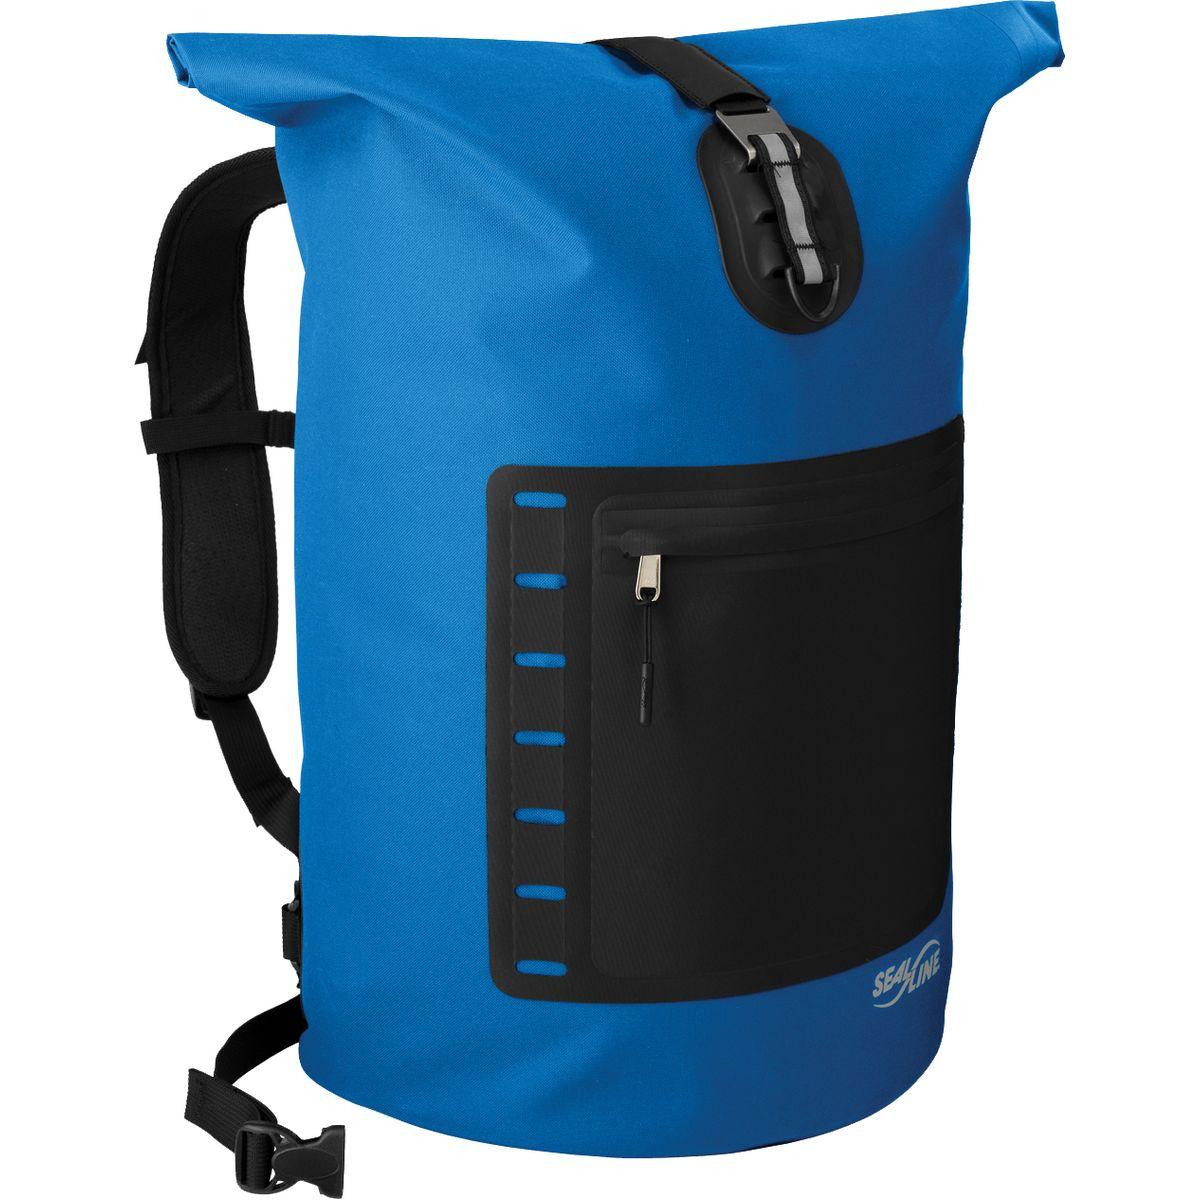 SealLine Urban 17-37L Backpack Blue, S